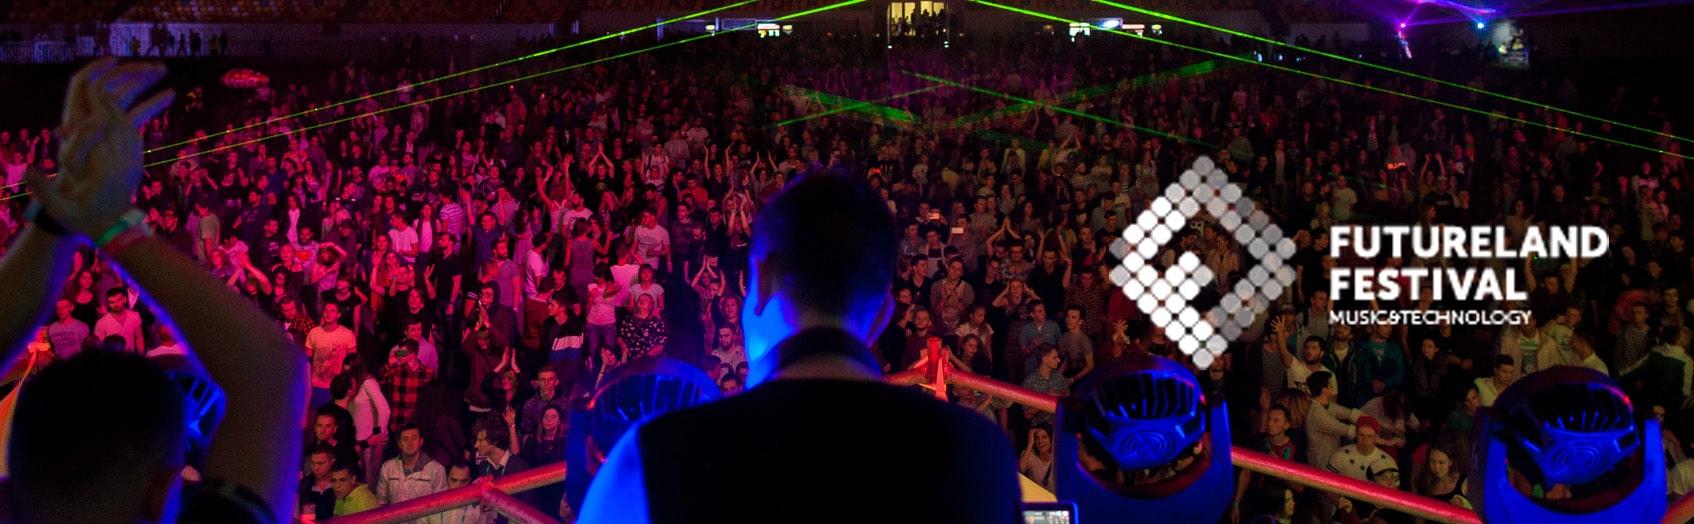 Futureland Festival